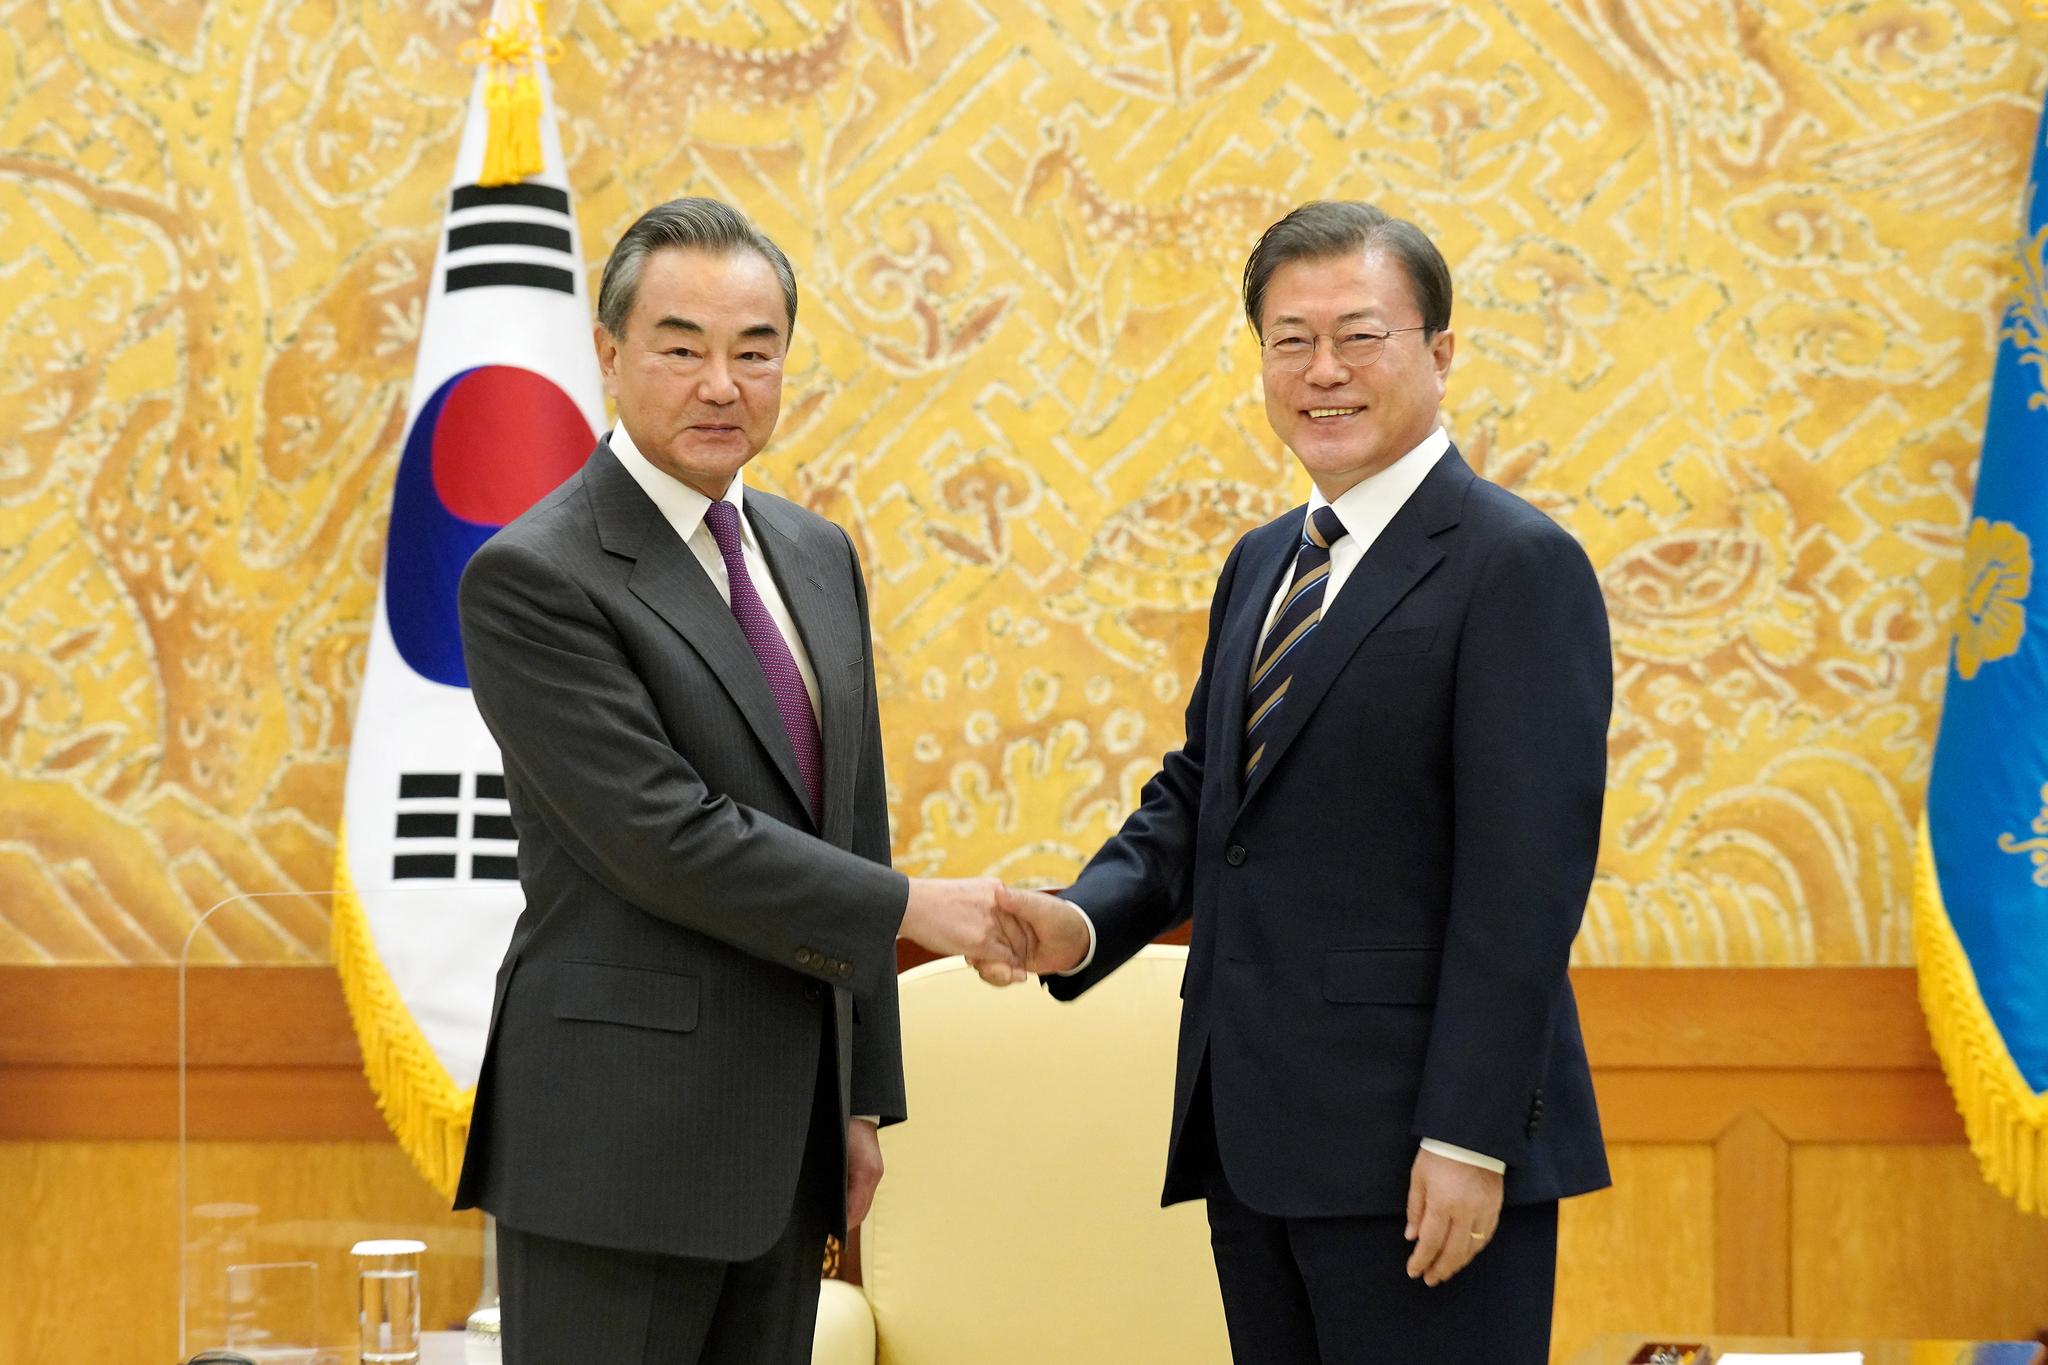 文대통령 시진핑에 안부 왕이 시 주석도 특별히 구두메시지